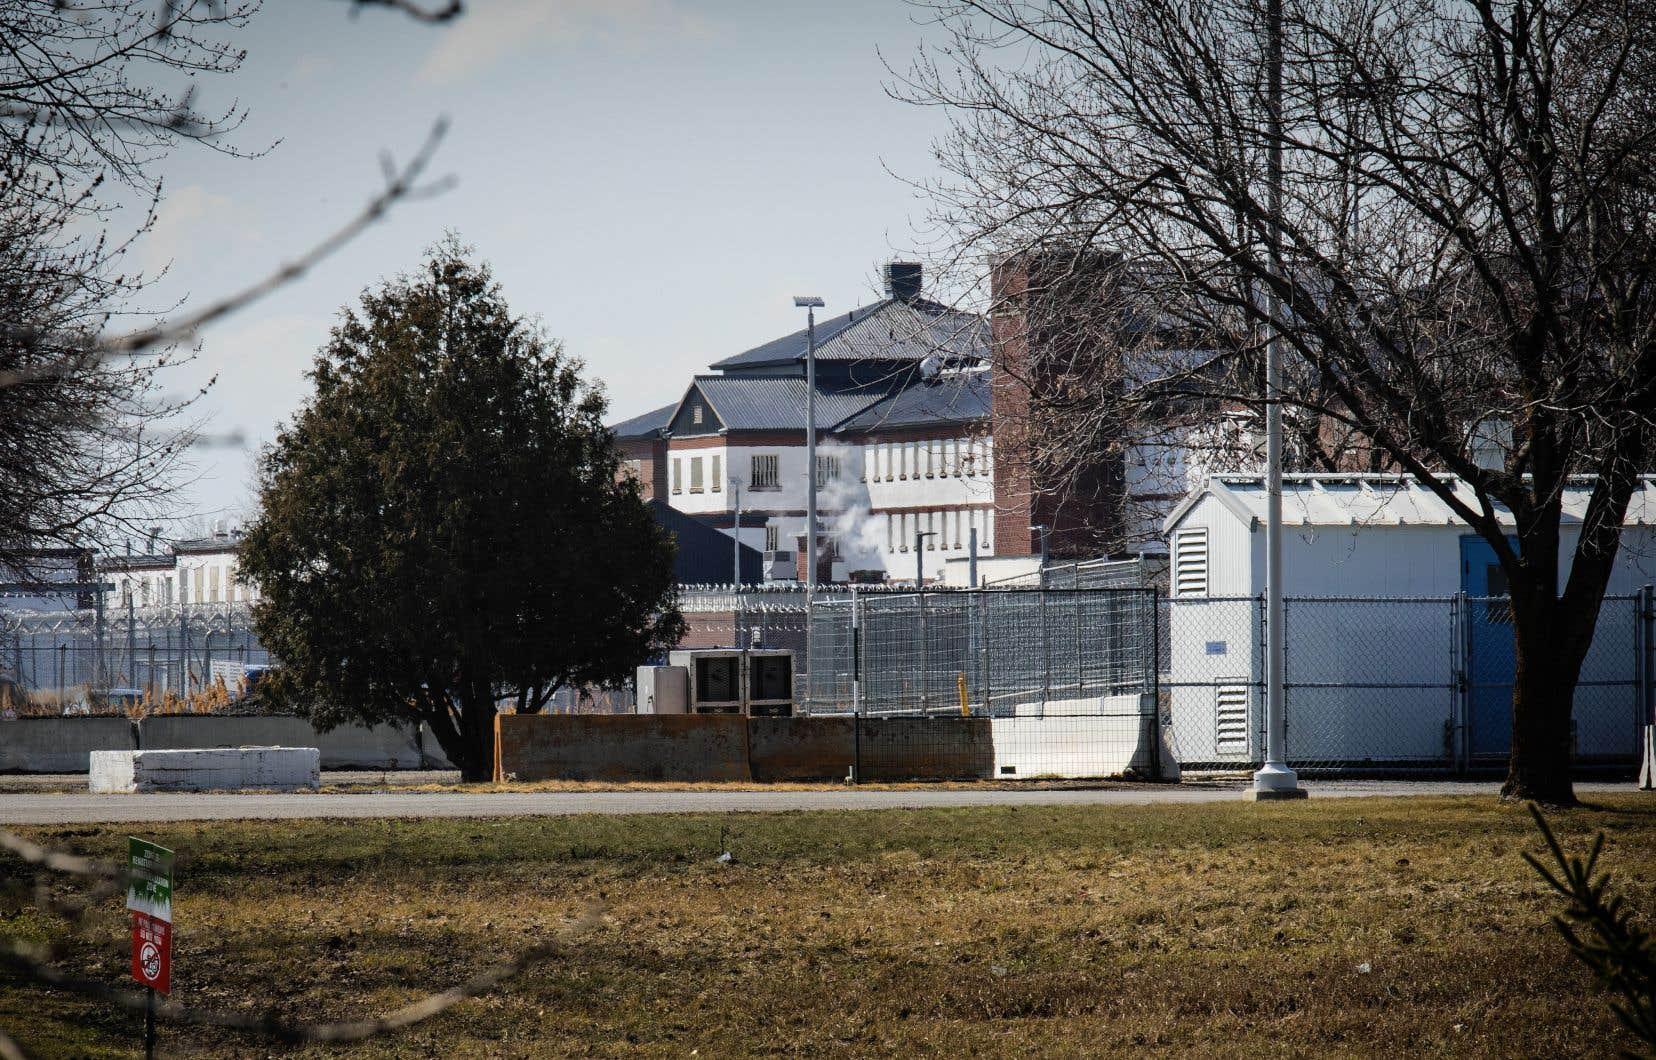 Dans les dernières années, plusieurs détenues au centre de détention Leclerc à Laval de même que des témoins ont dénoncé à répétition les conditions de détention et le niveau de salubrité des lieux.